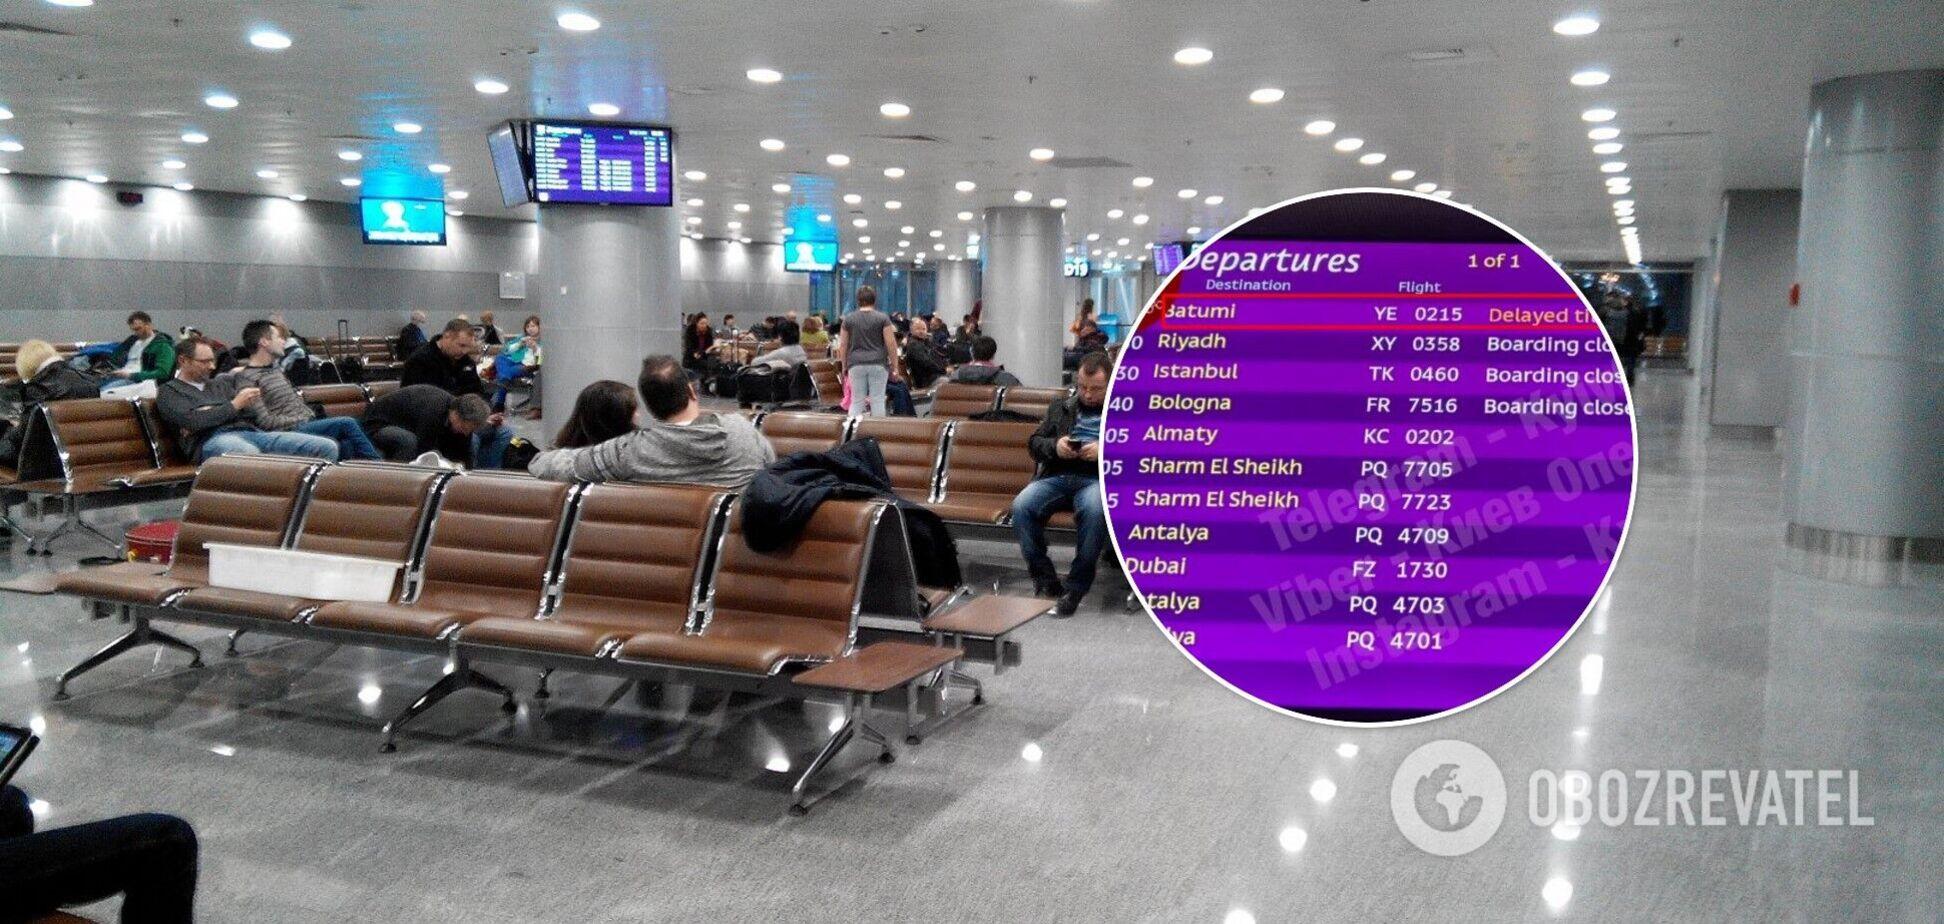 У міжнародному аеропорту Бориспіль застряг рейс до Батумі